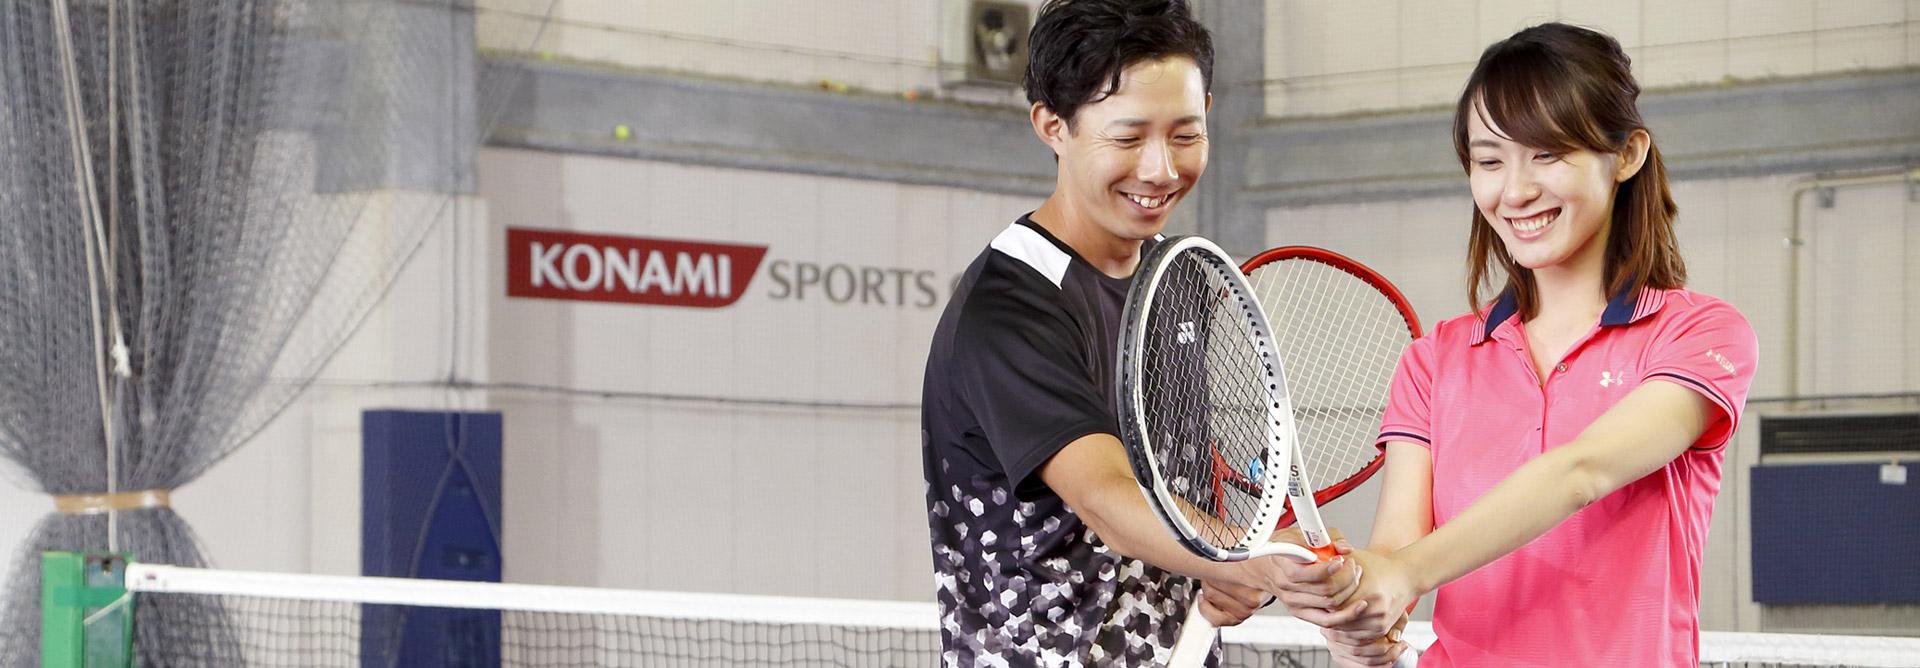 コナミスポーツテニスクラブ浦和店の画像